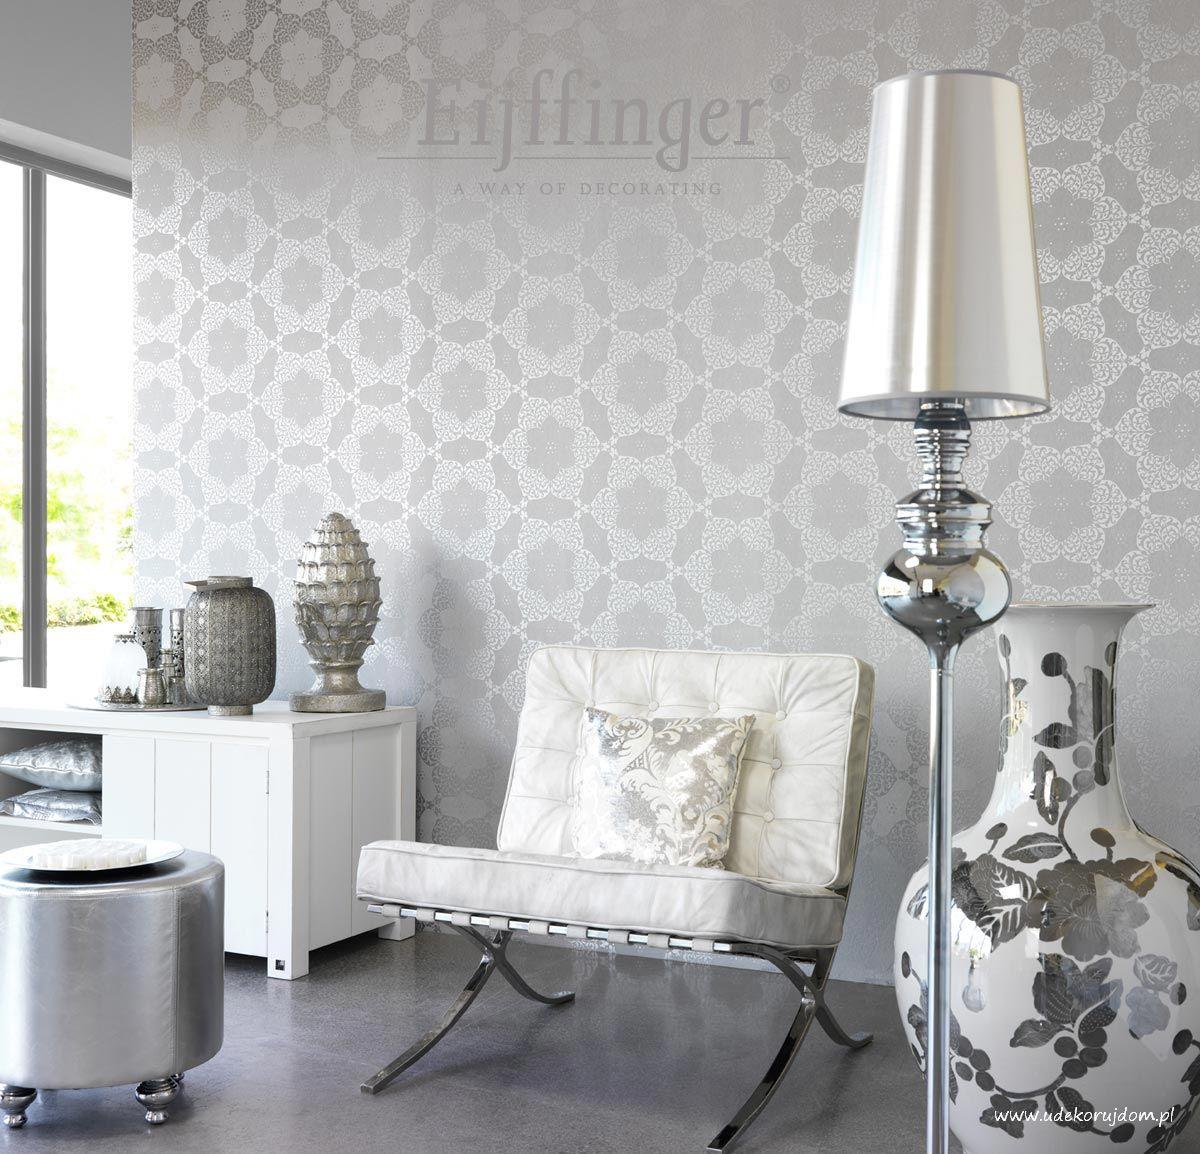 Udekoruj dom inspiracje aran acje koronka na tapecie cz 3 - Moderne woonkamer behang ...